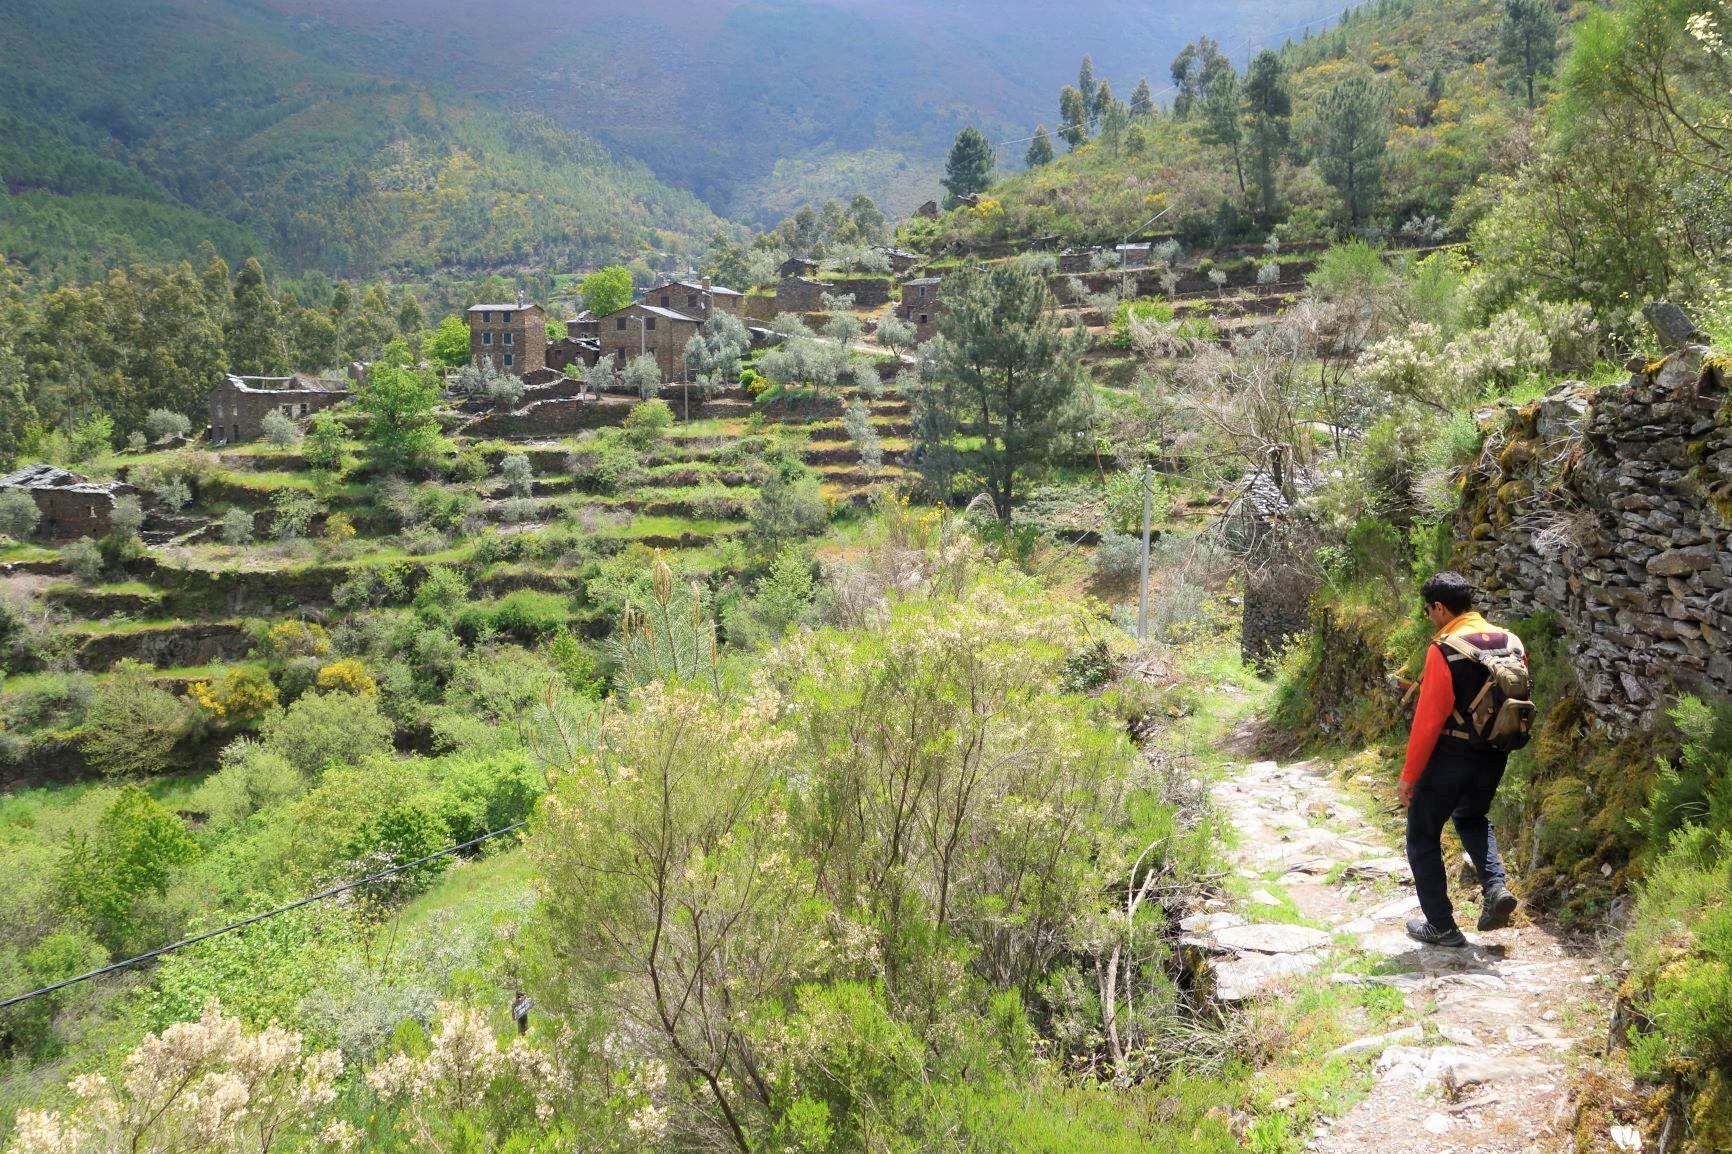 ピオダン村より隣村へとトレイルを歩く、見事な段々畑が広がる(4日目)